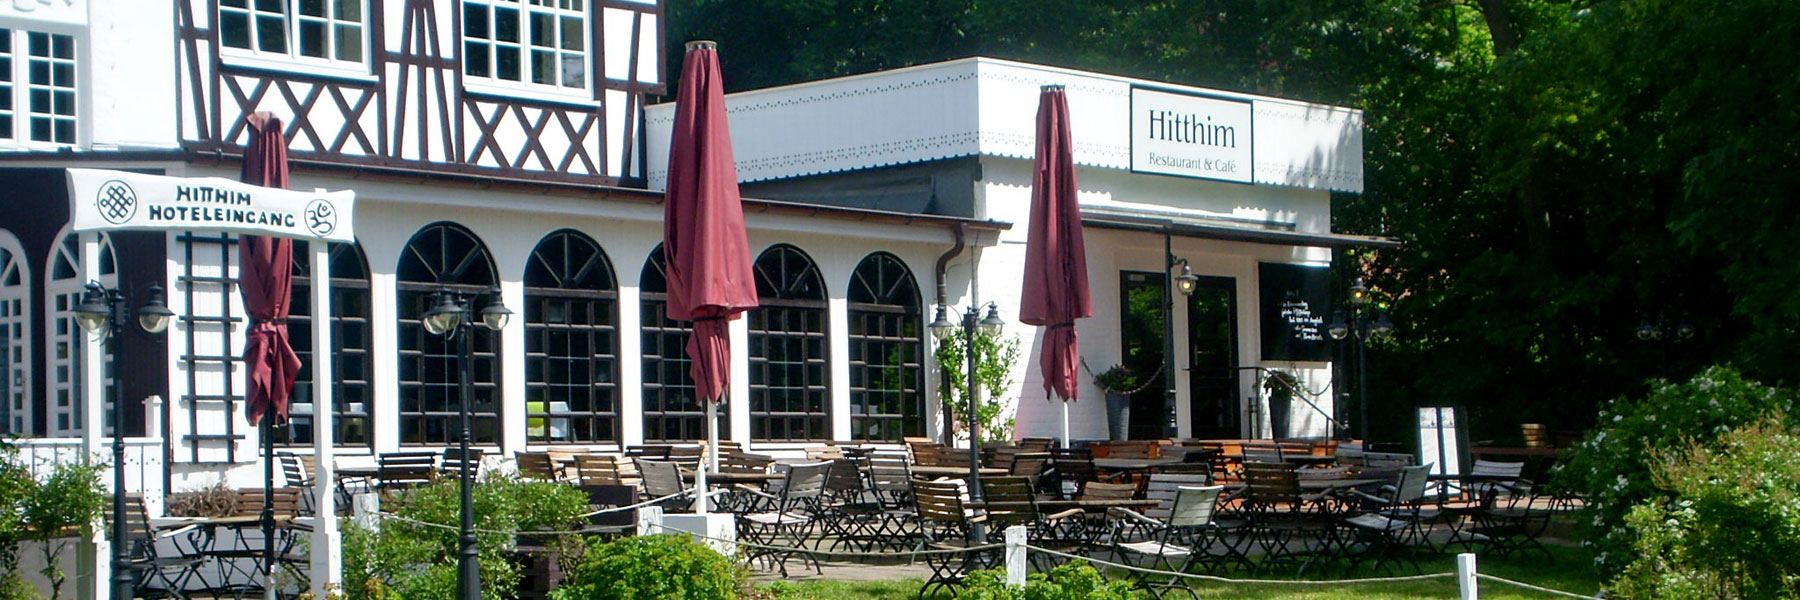 Restaurant - Hotel Hitthim